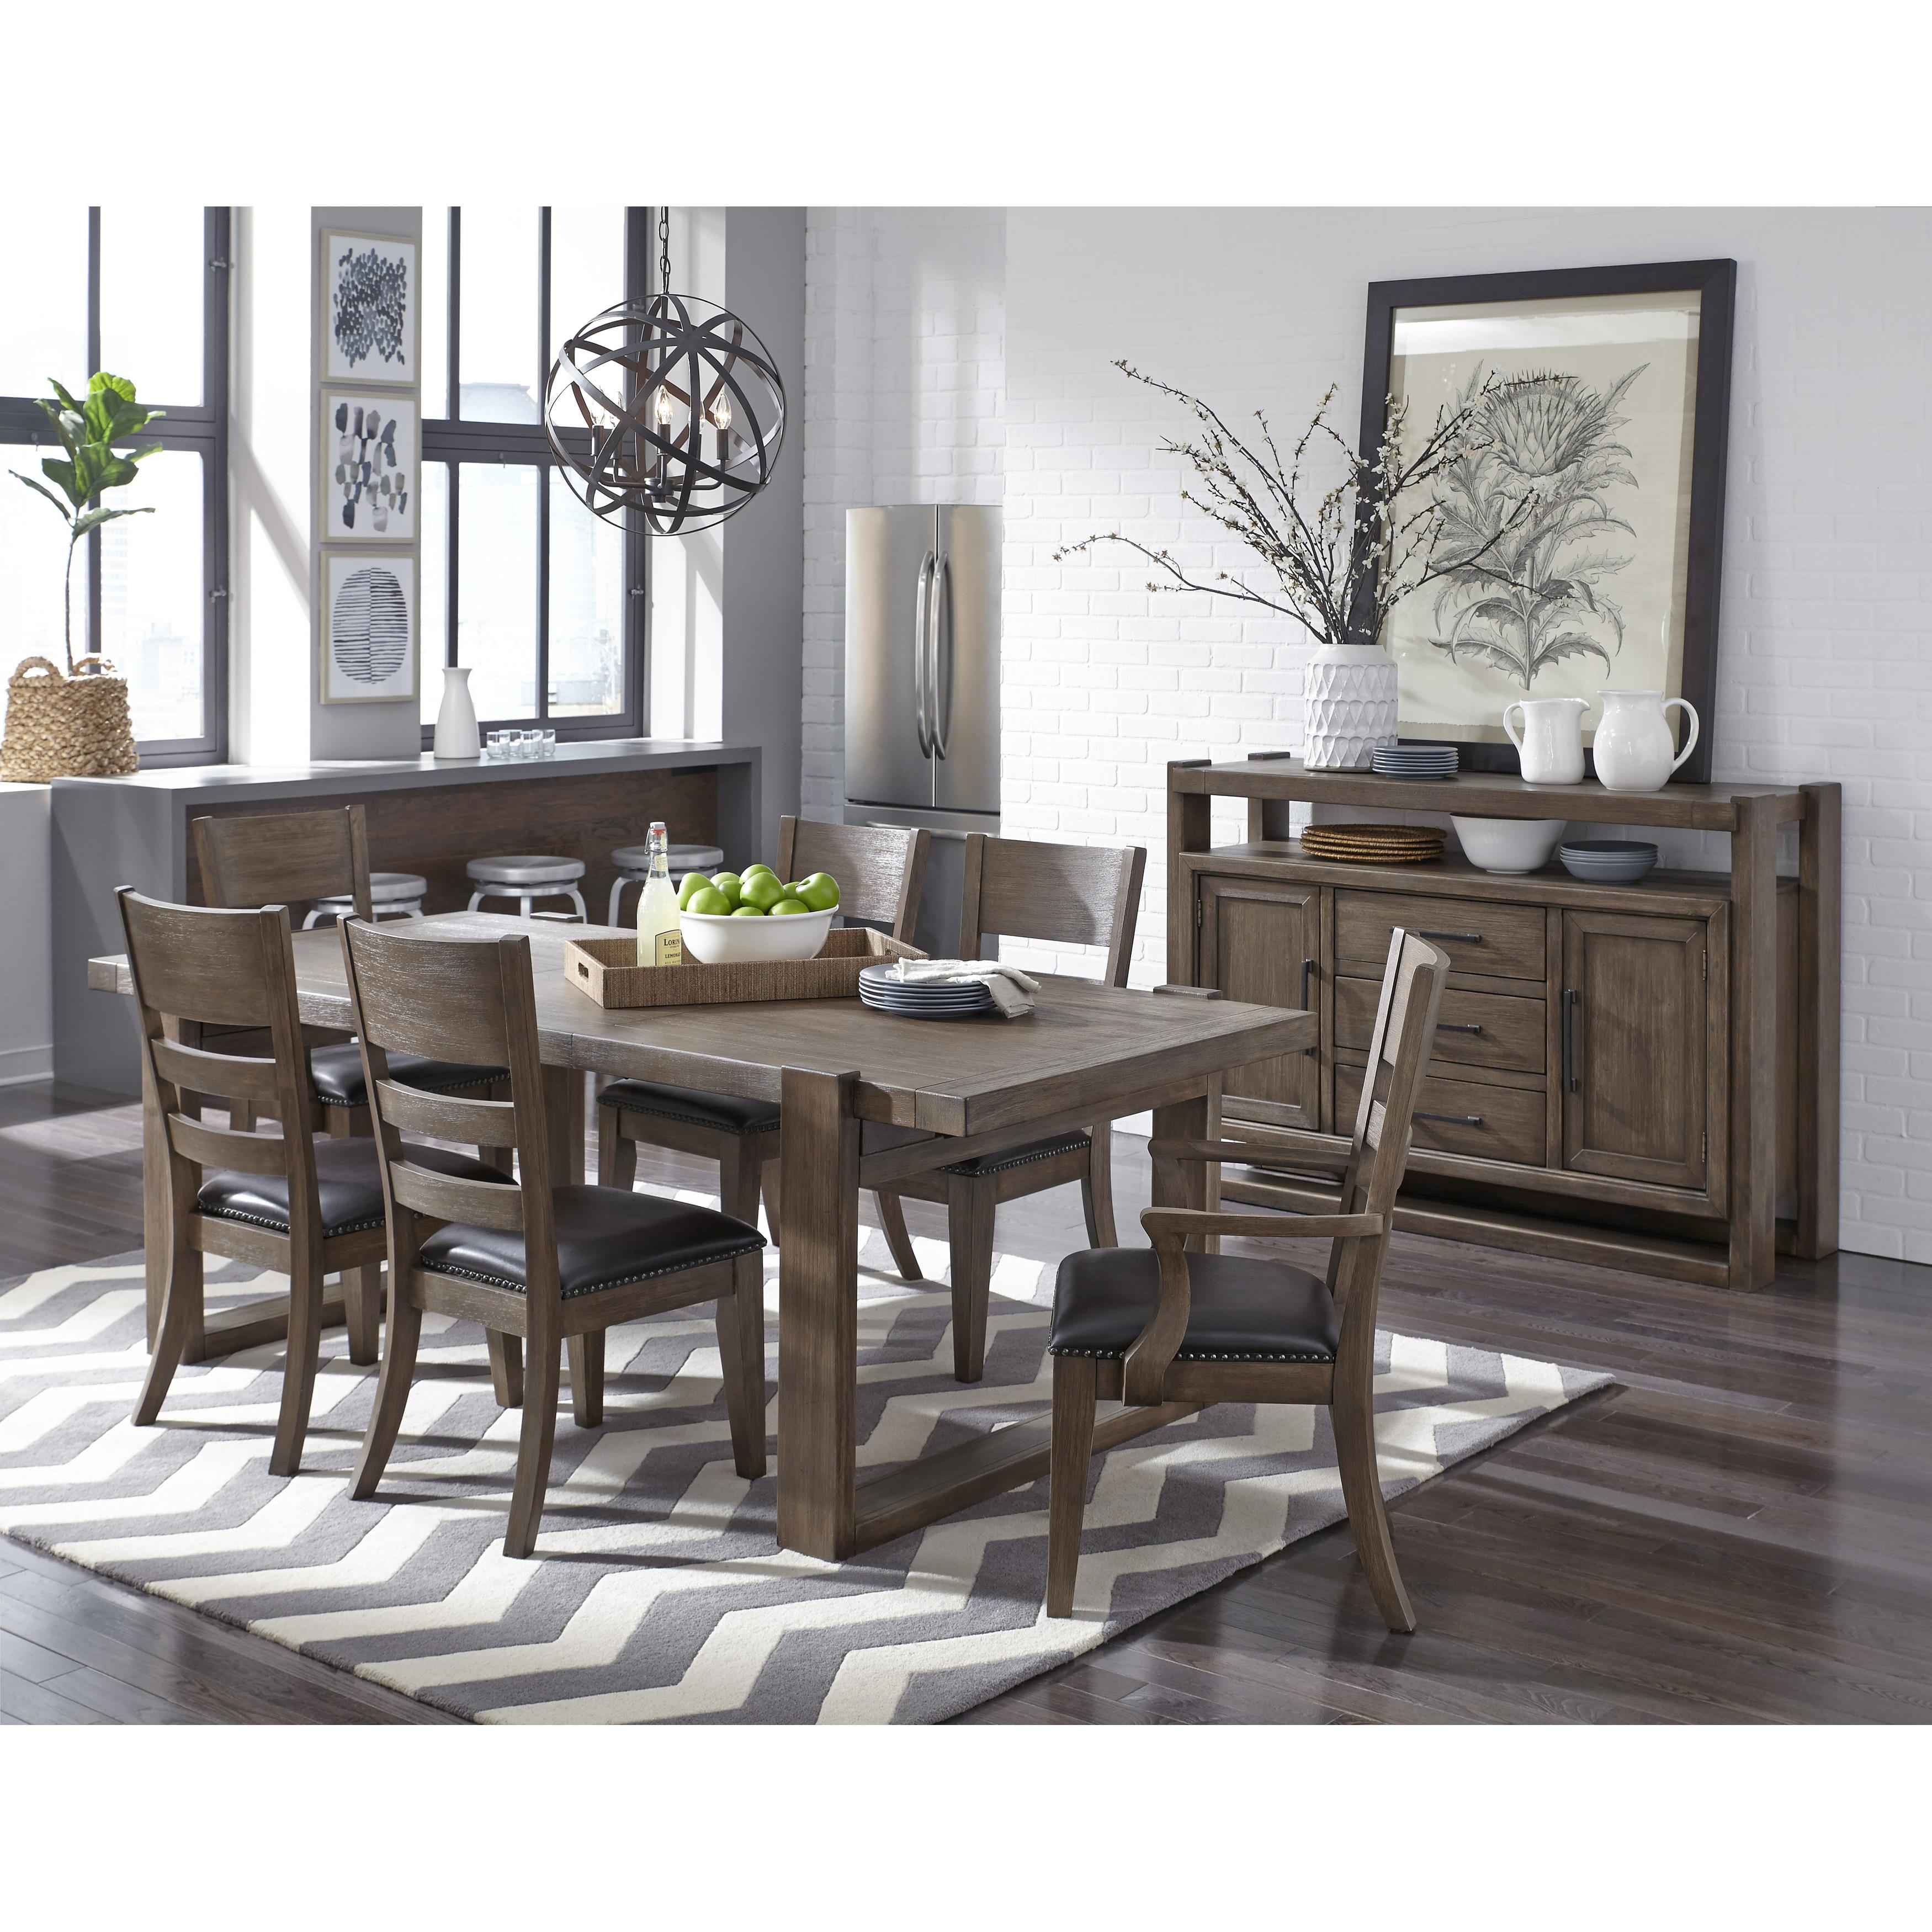 Hops Hard Wood Mission Dining Room Set Trestle Table & 4